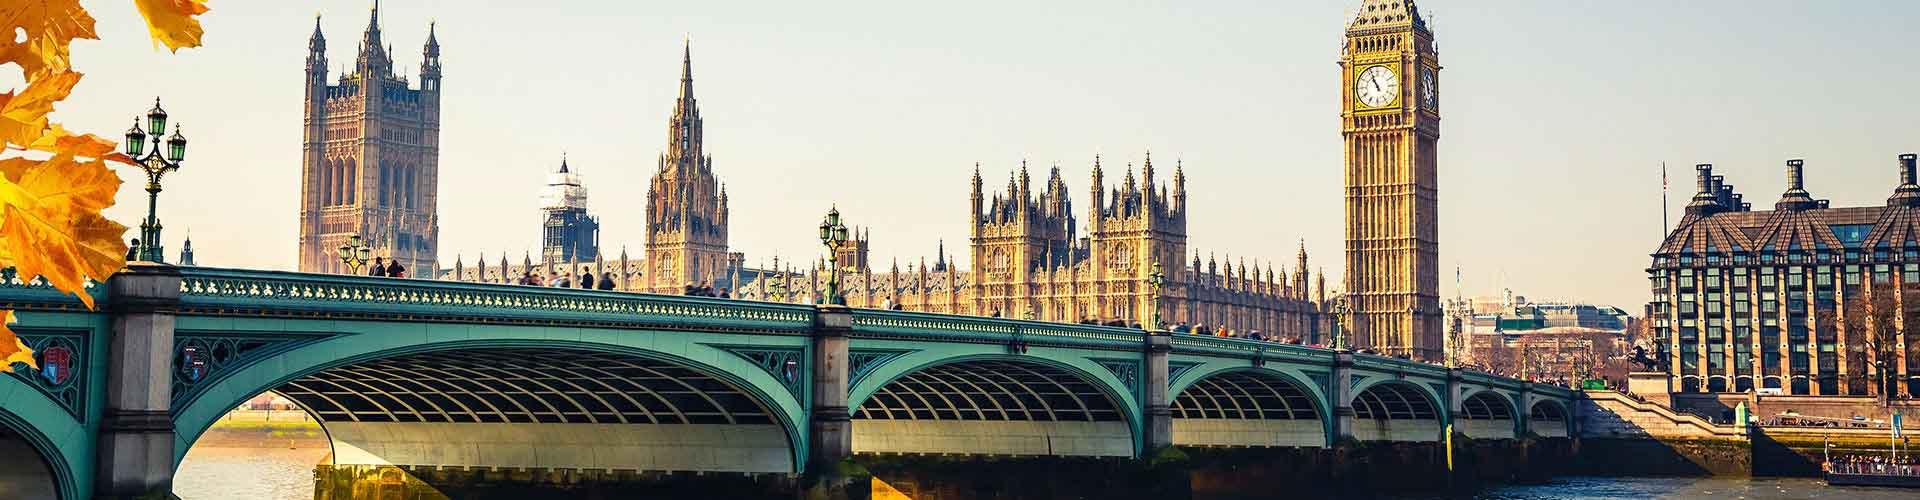 Londres - Albergues Juveniles en Londres. Mapas de Londres, Fotos y Comentarios para cada Albergue Juvenil en Londres.